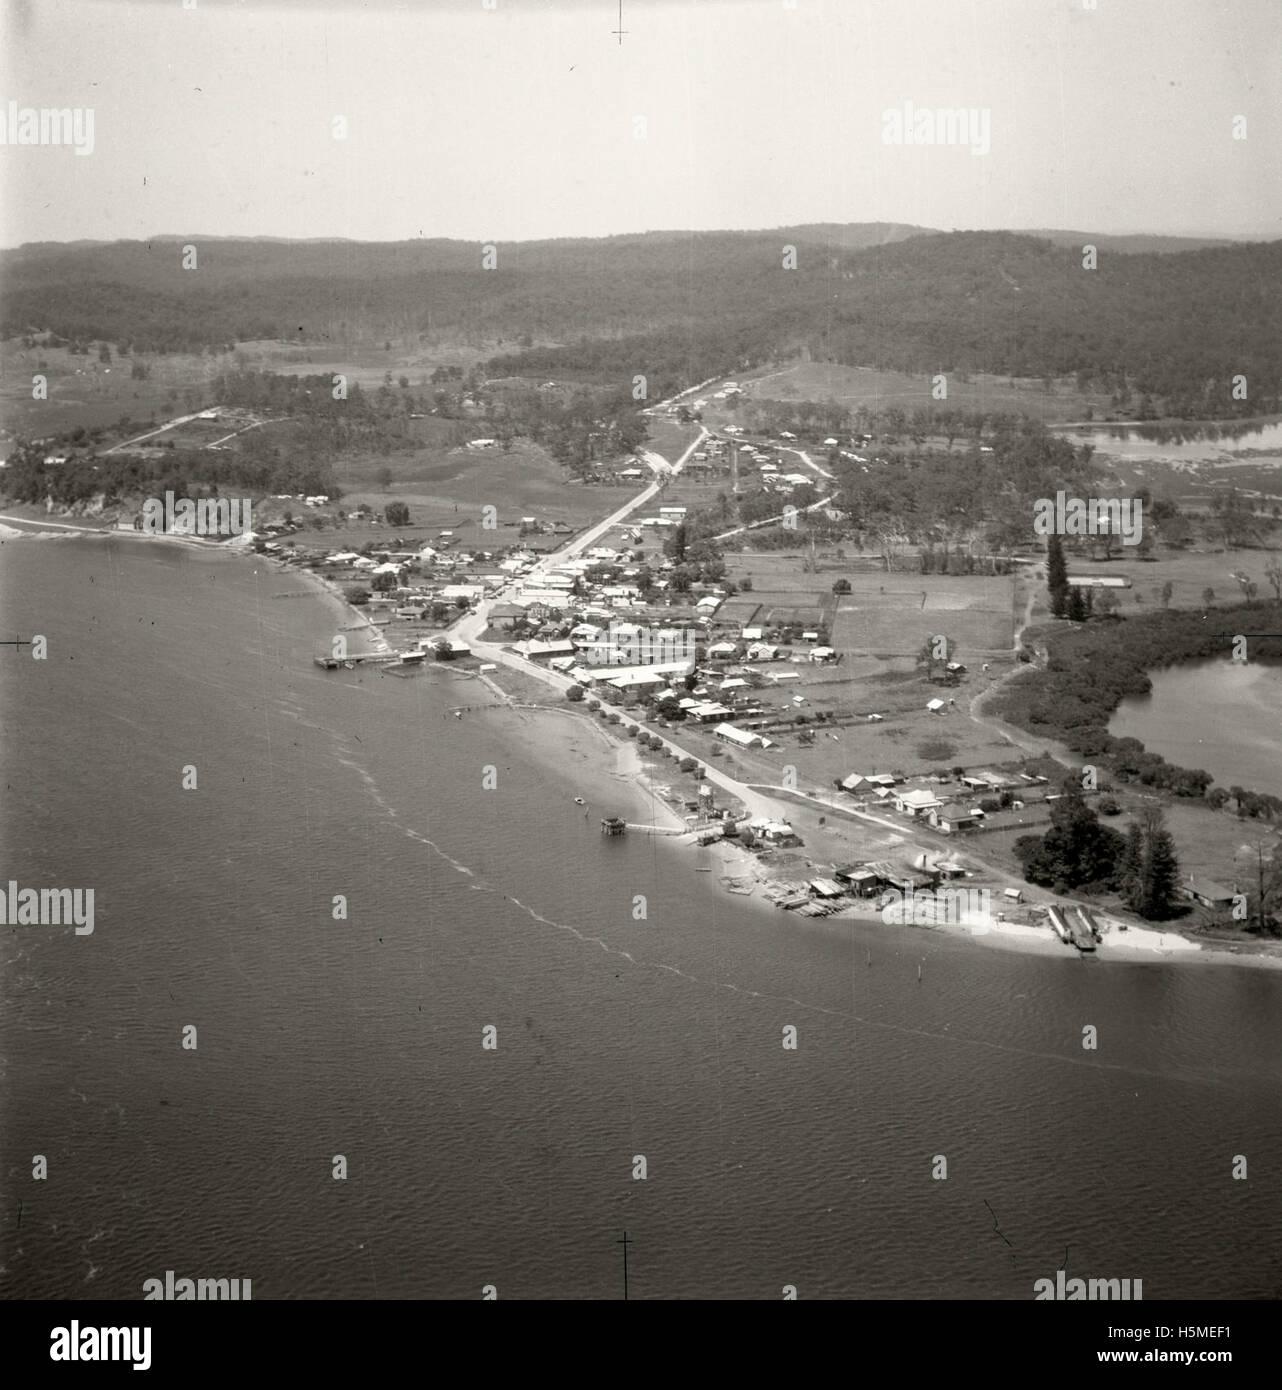 Batemans Bay - 17 Nov 1937 - Stock Image